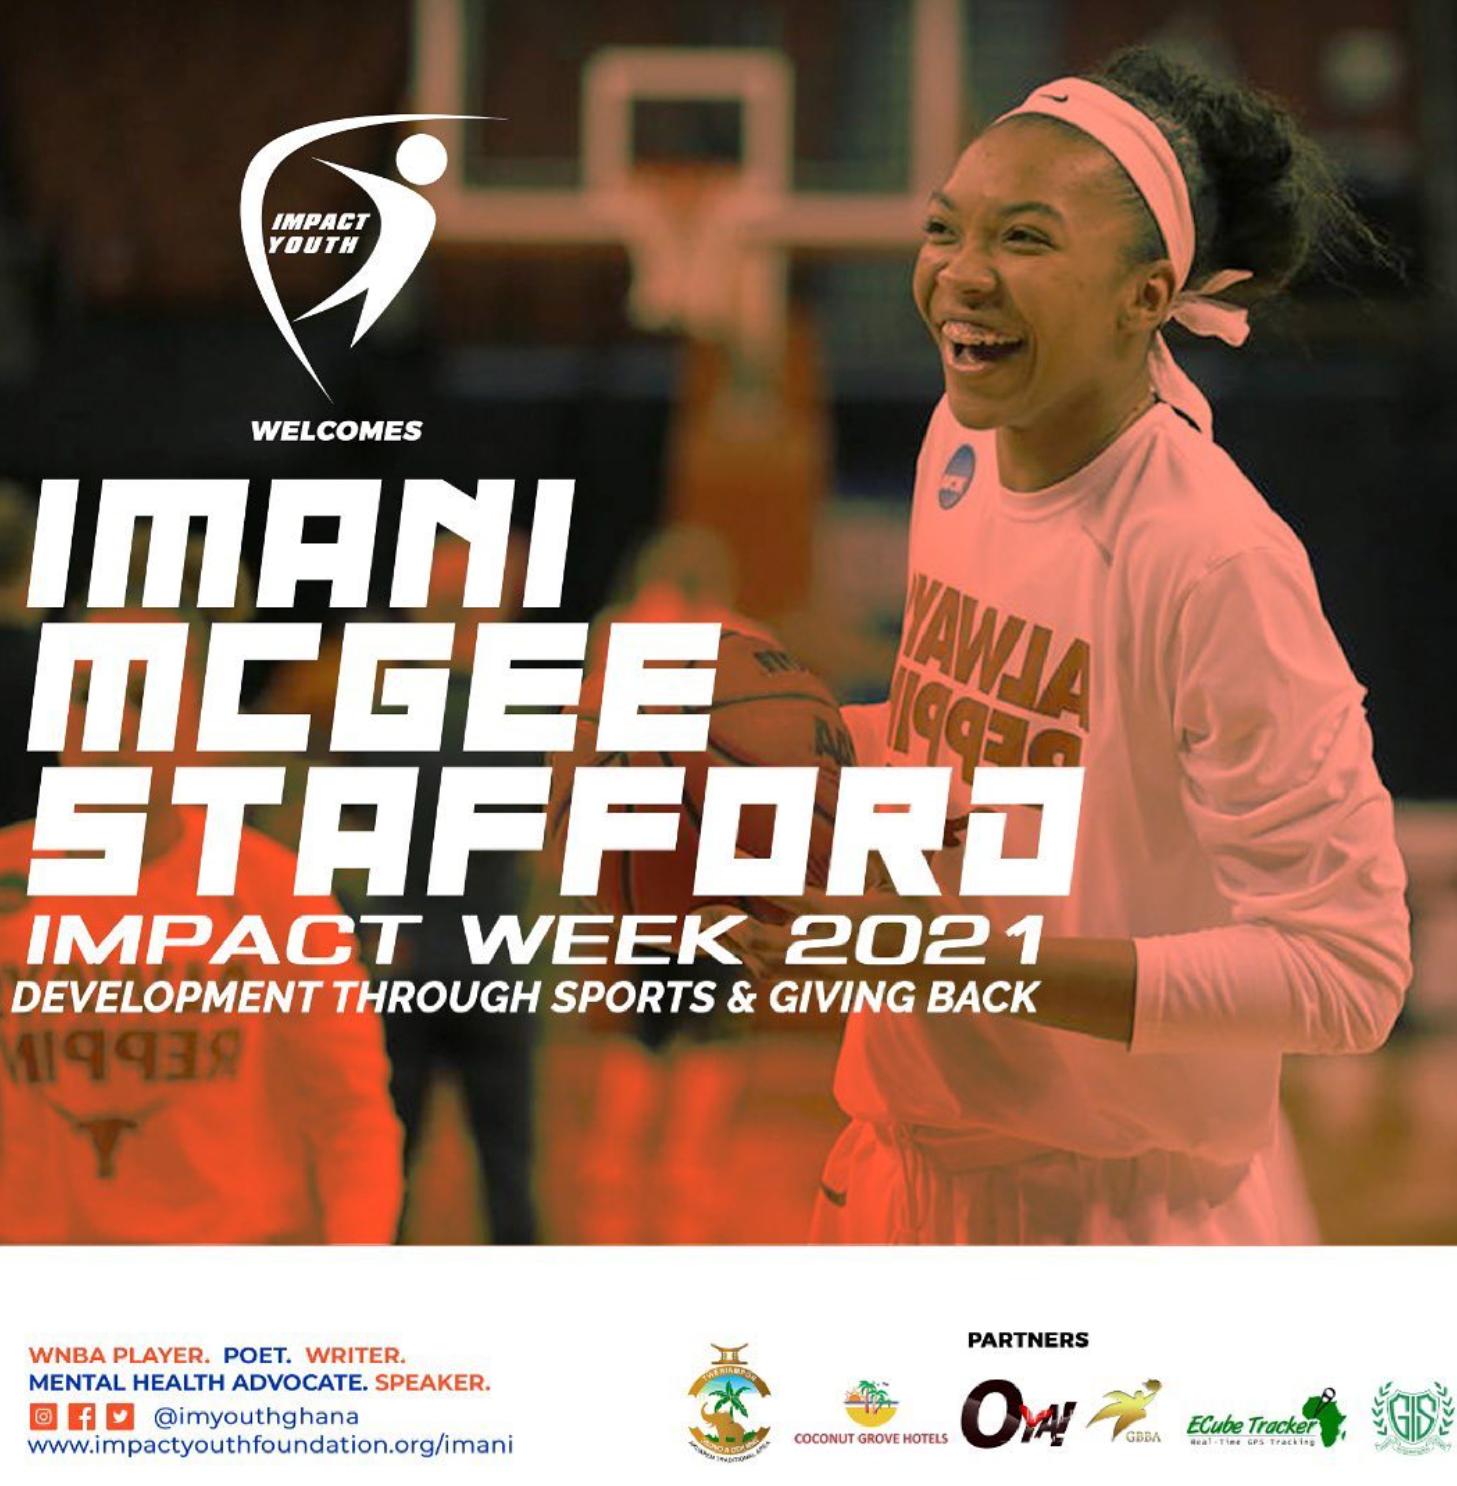 WNBA Player Imani McGee-Stafford Comes to Ghana